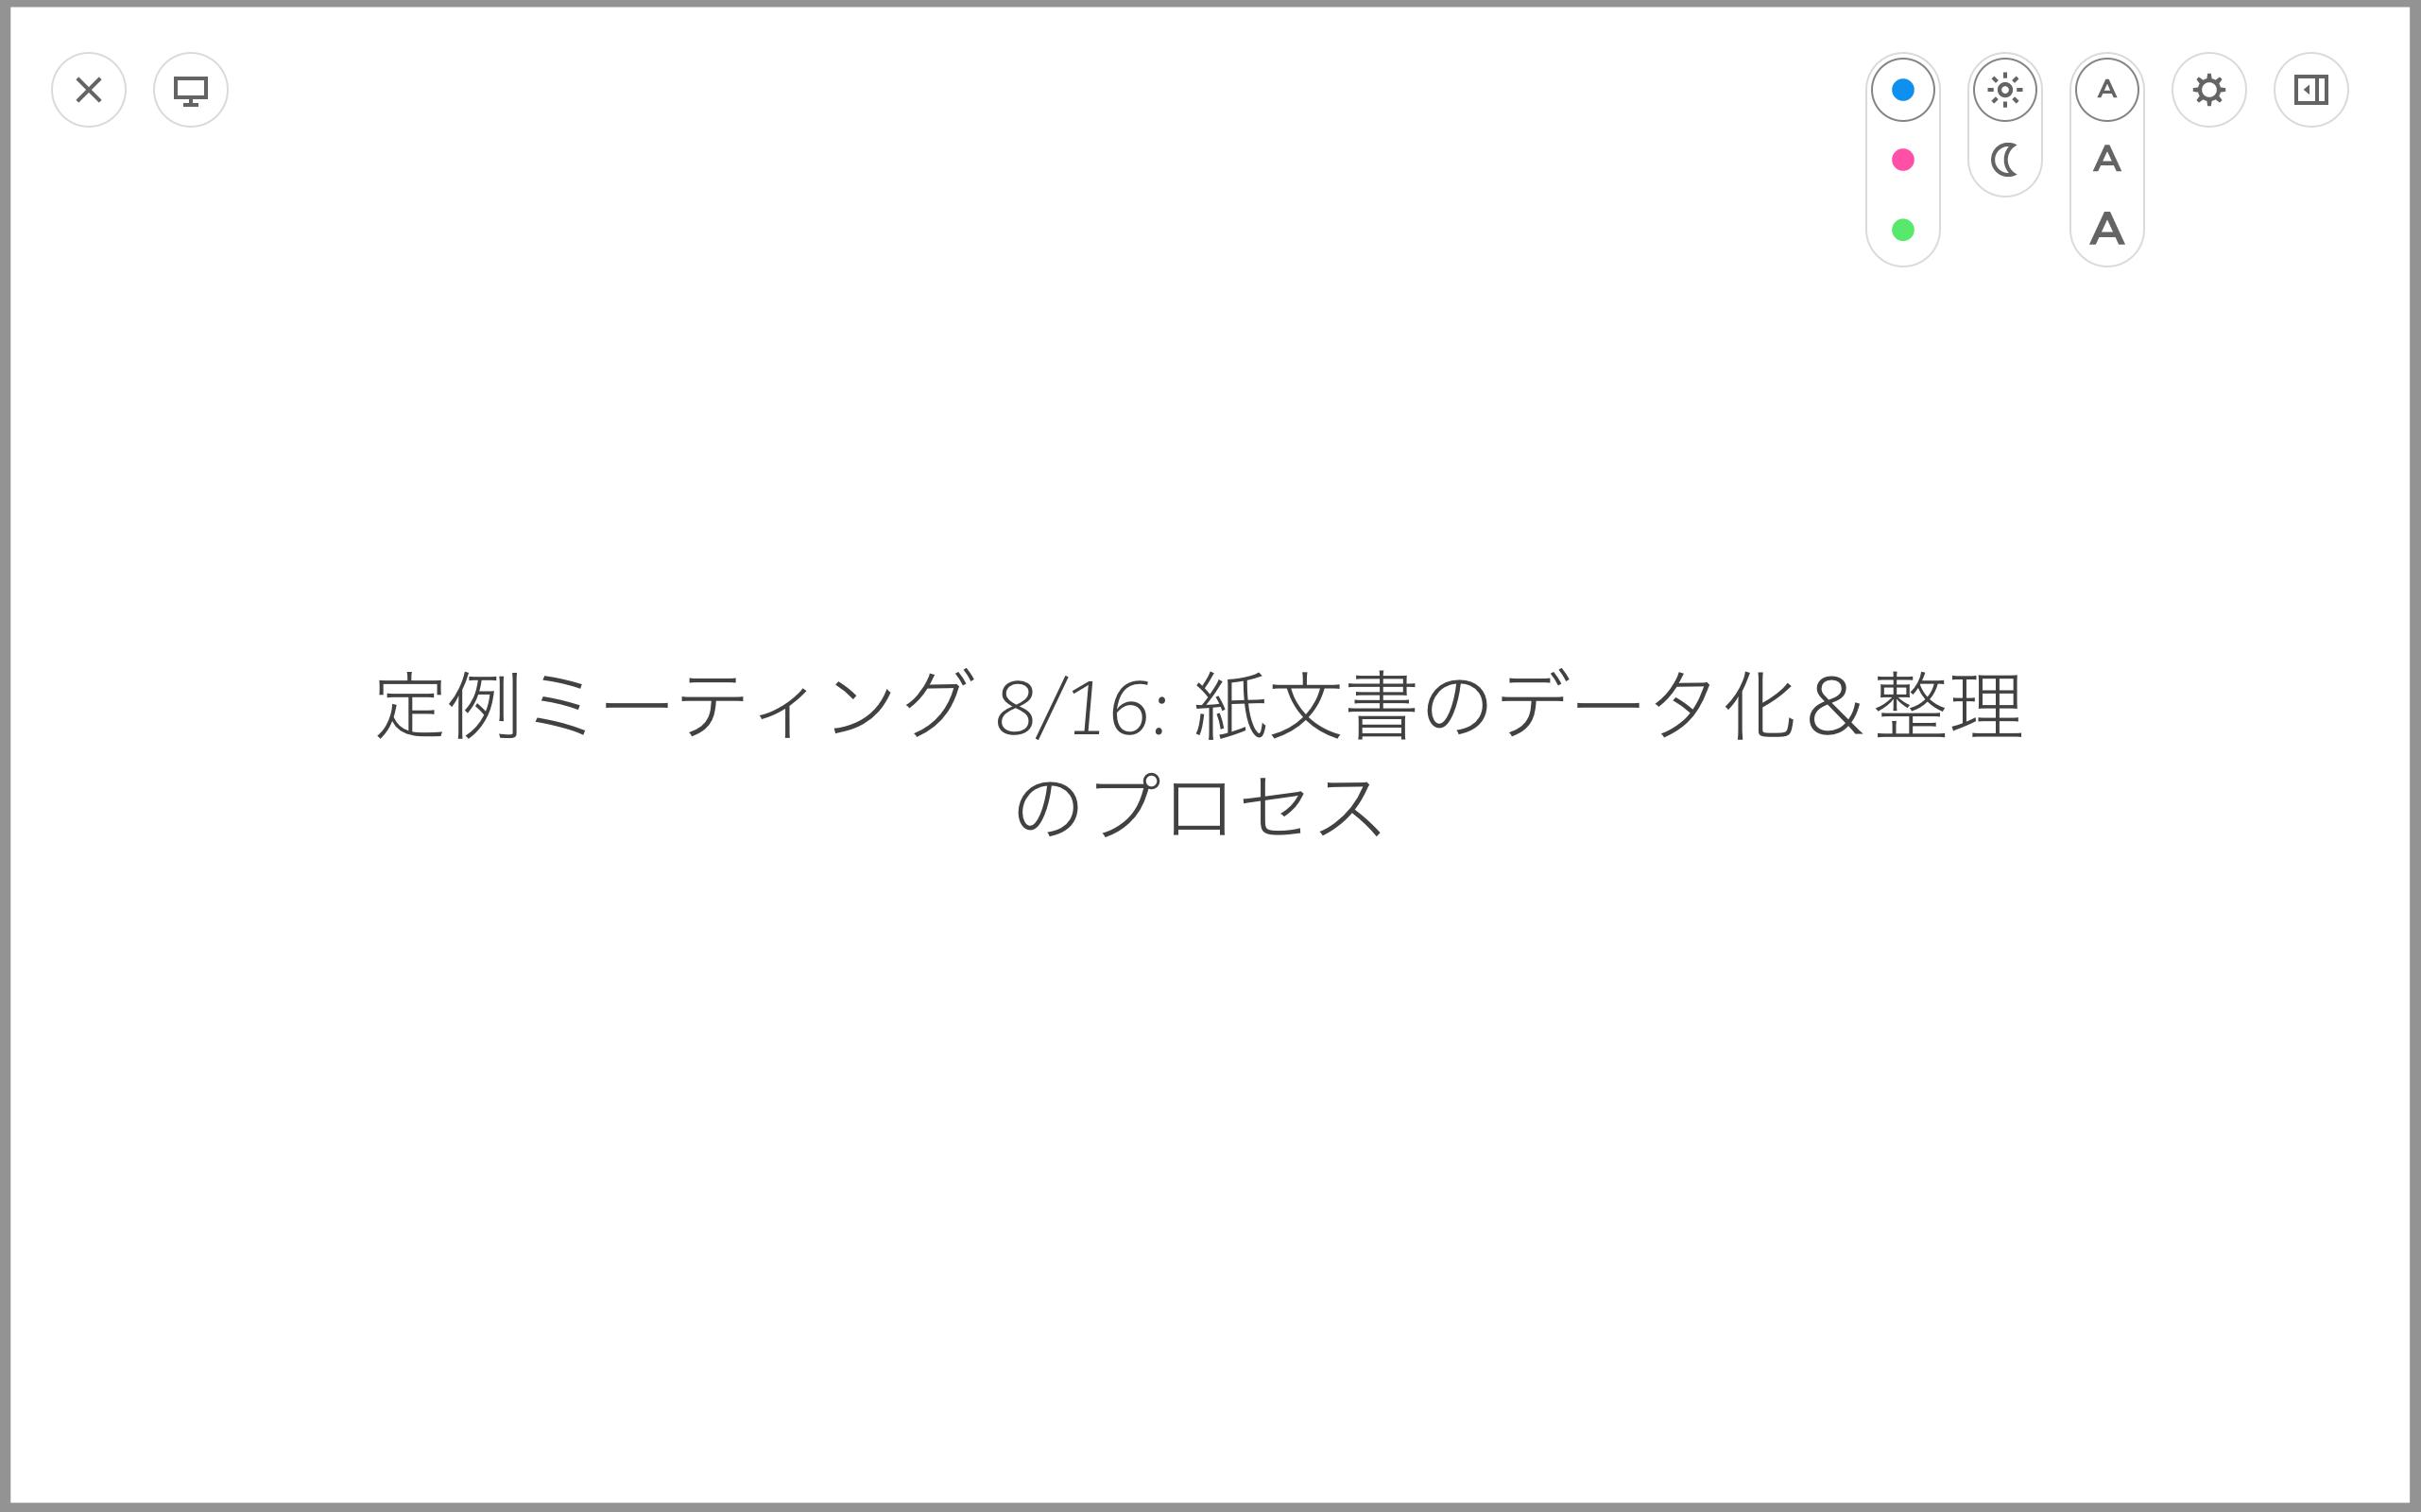 プレゼンテーションモード開始画面